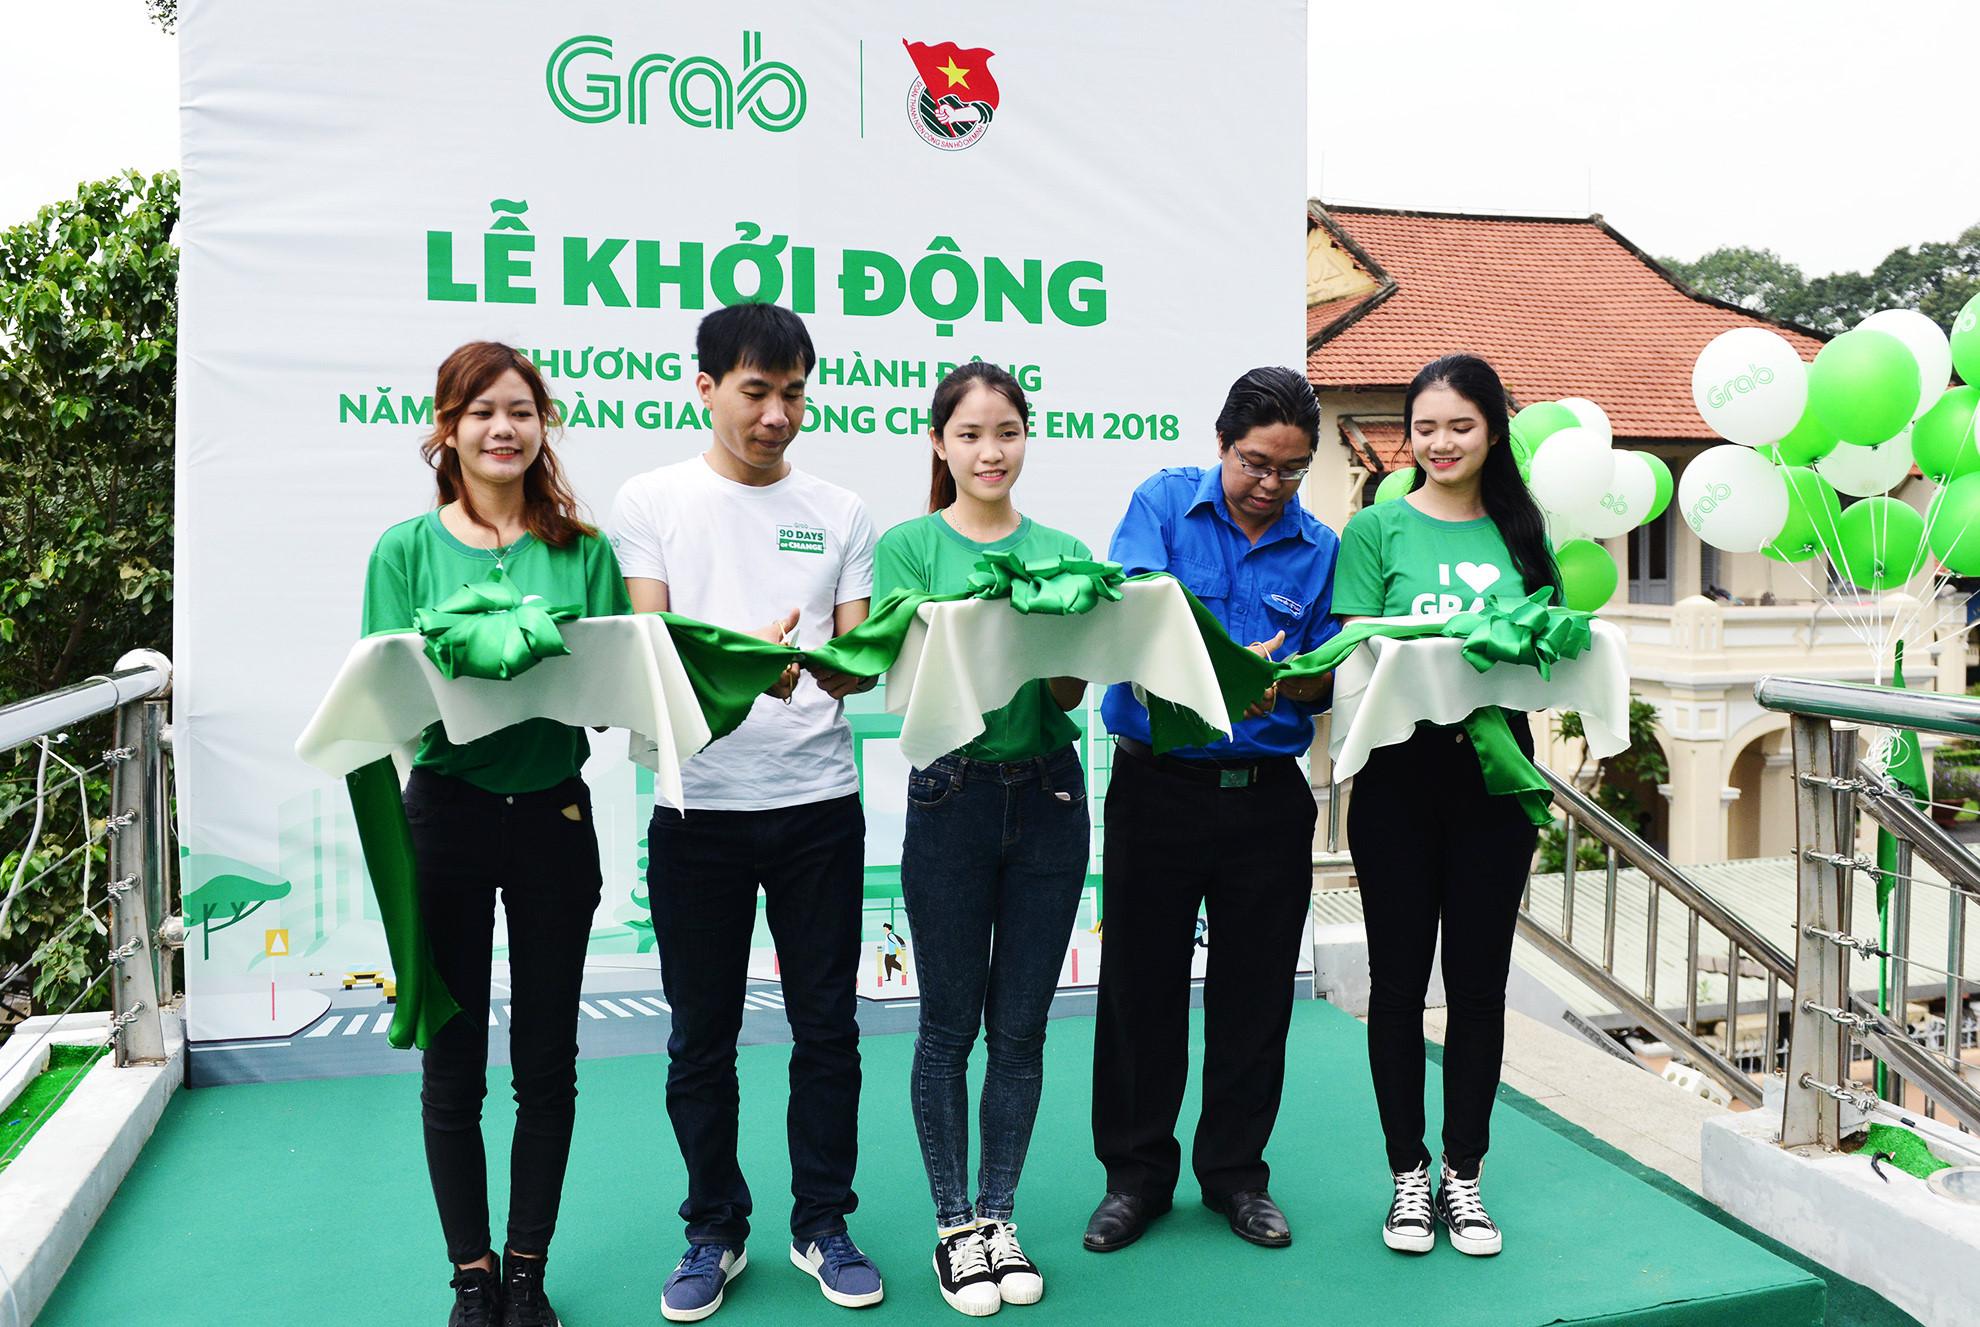 Cầu bộ hành Sài Gòn được phủ xanh, thu hút nhiều bạn trẻ Ảnh 3